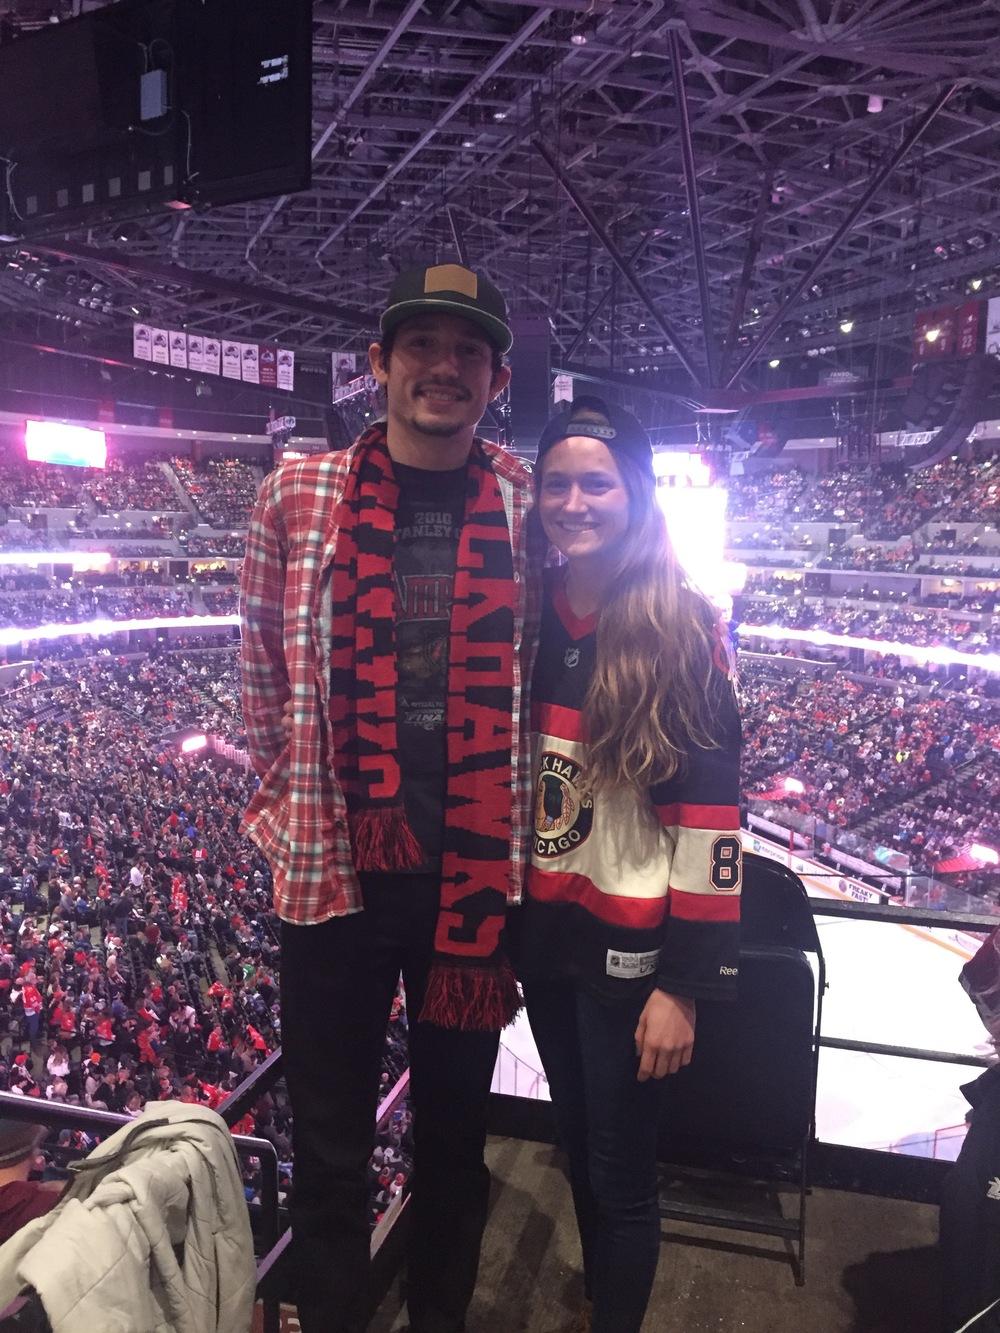 Posing as a Hawk's fan with Brooke!